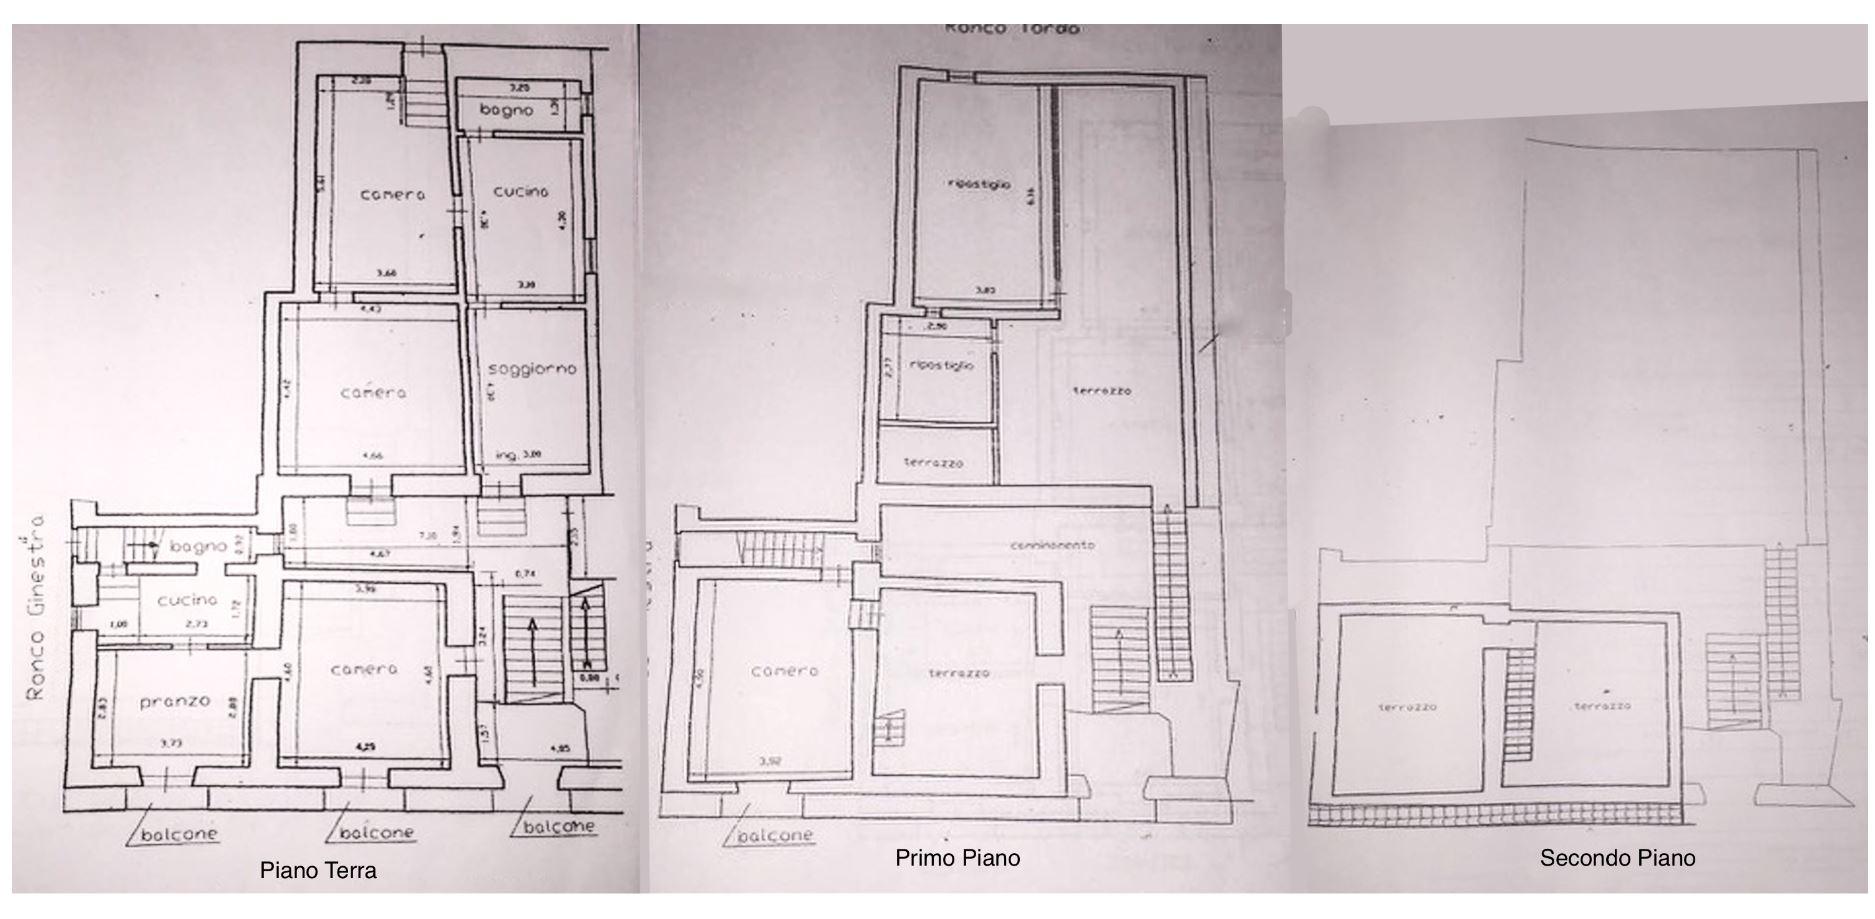 planimetria tre piani